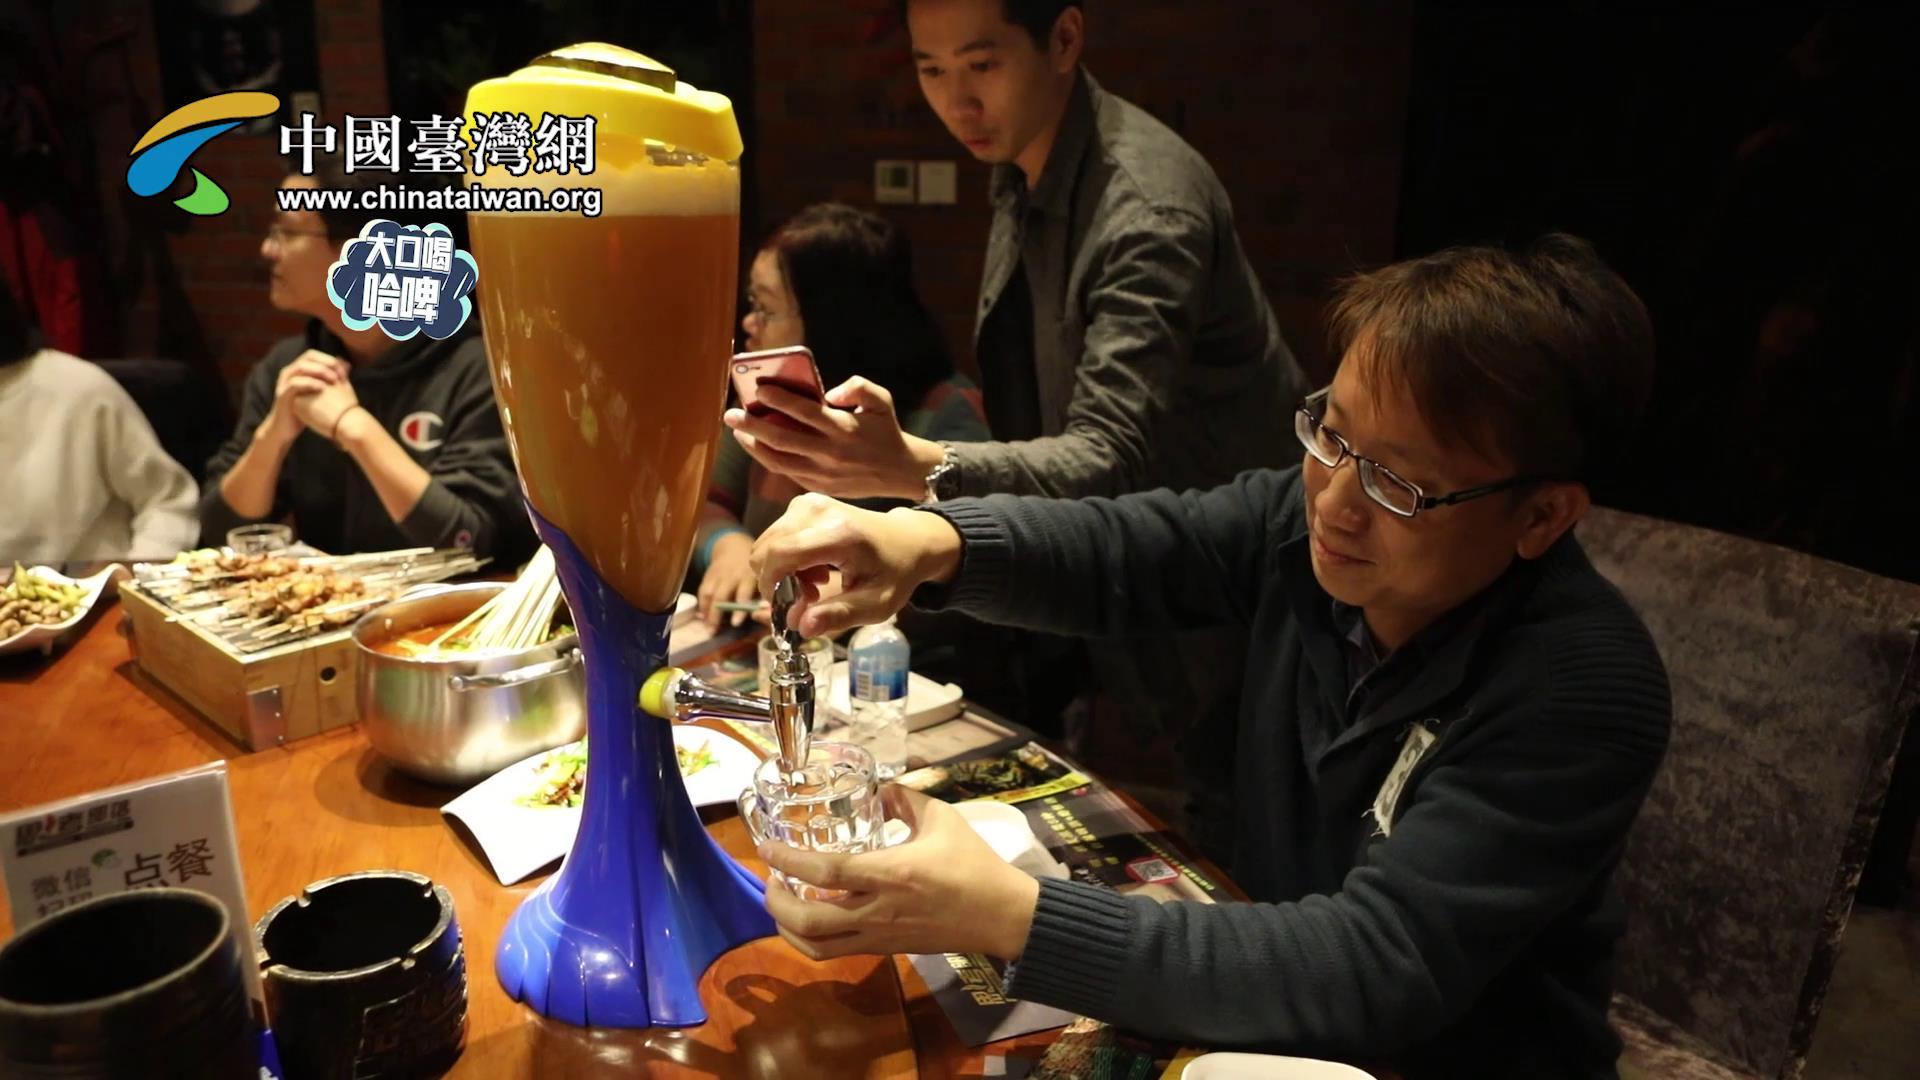 【黑龍江篇】美食特輯!帶你吃遍哈爾濱圖片